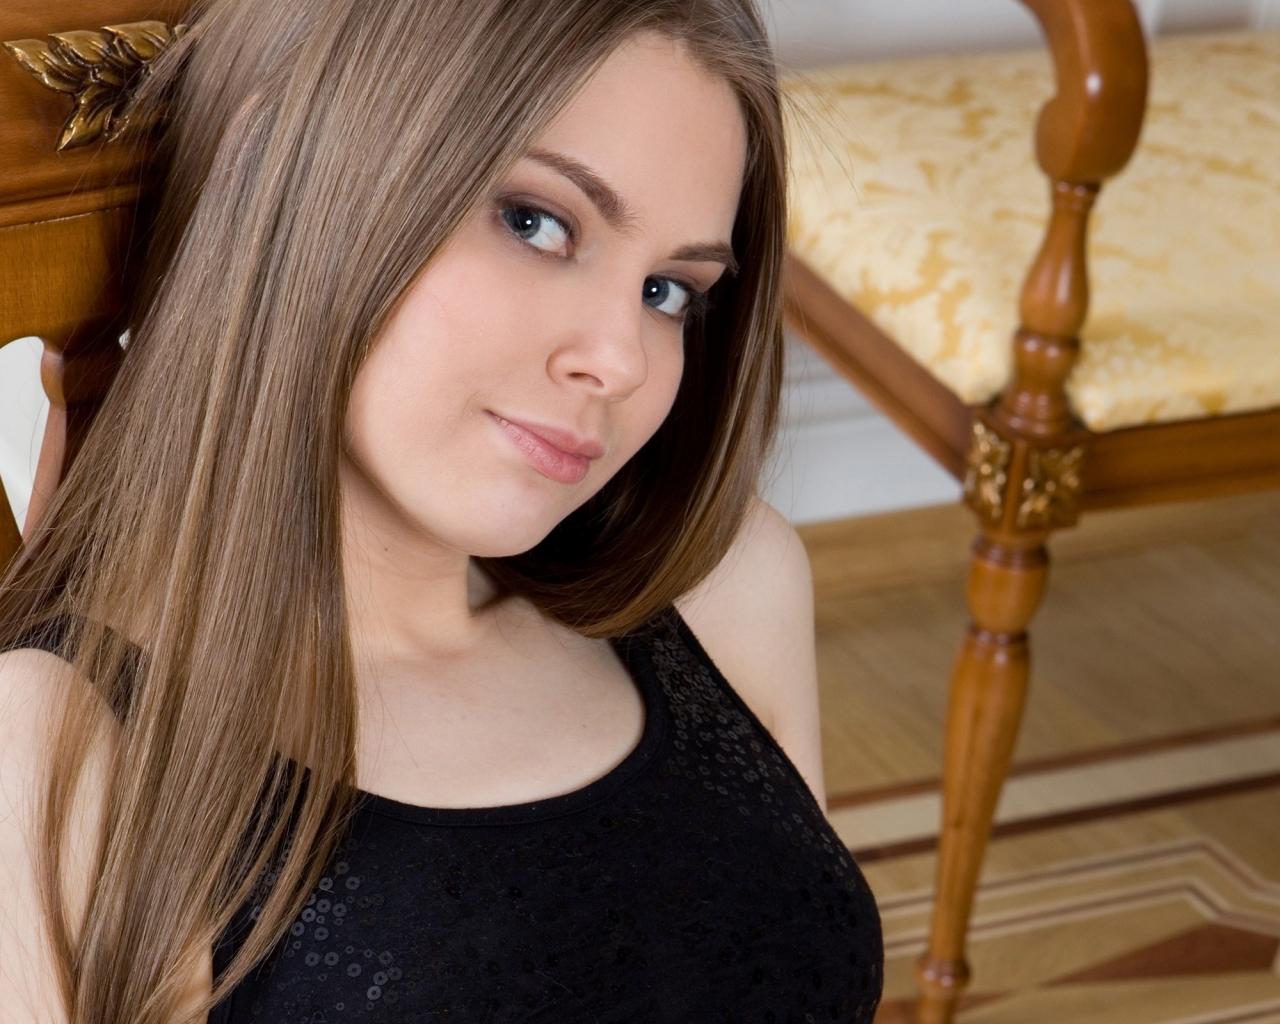 Chica de pelo largo - 1280x1024